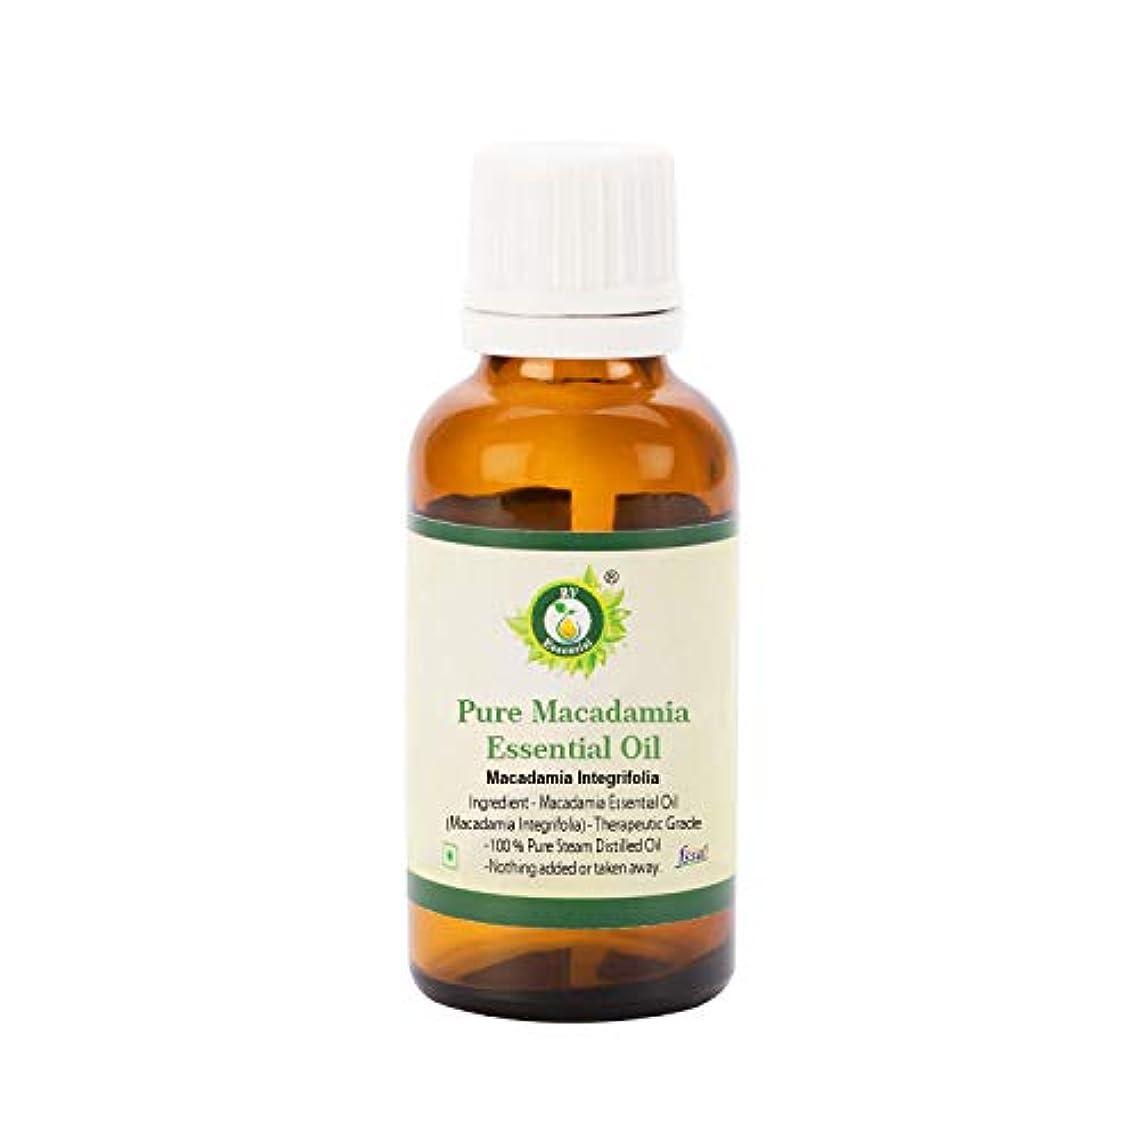 目覚める遠洋の中絶R V Essential ピュアマカデミアエッセンシャルオイル5ml (0.169oz)- Macadamia Integrifolia (100%純粋&天然スチームDistilled) Pure Macadamia...